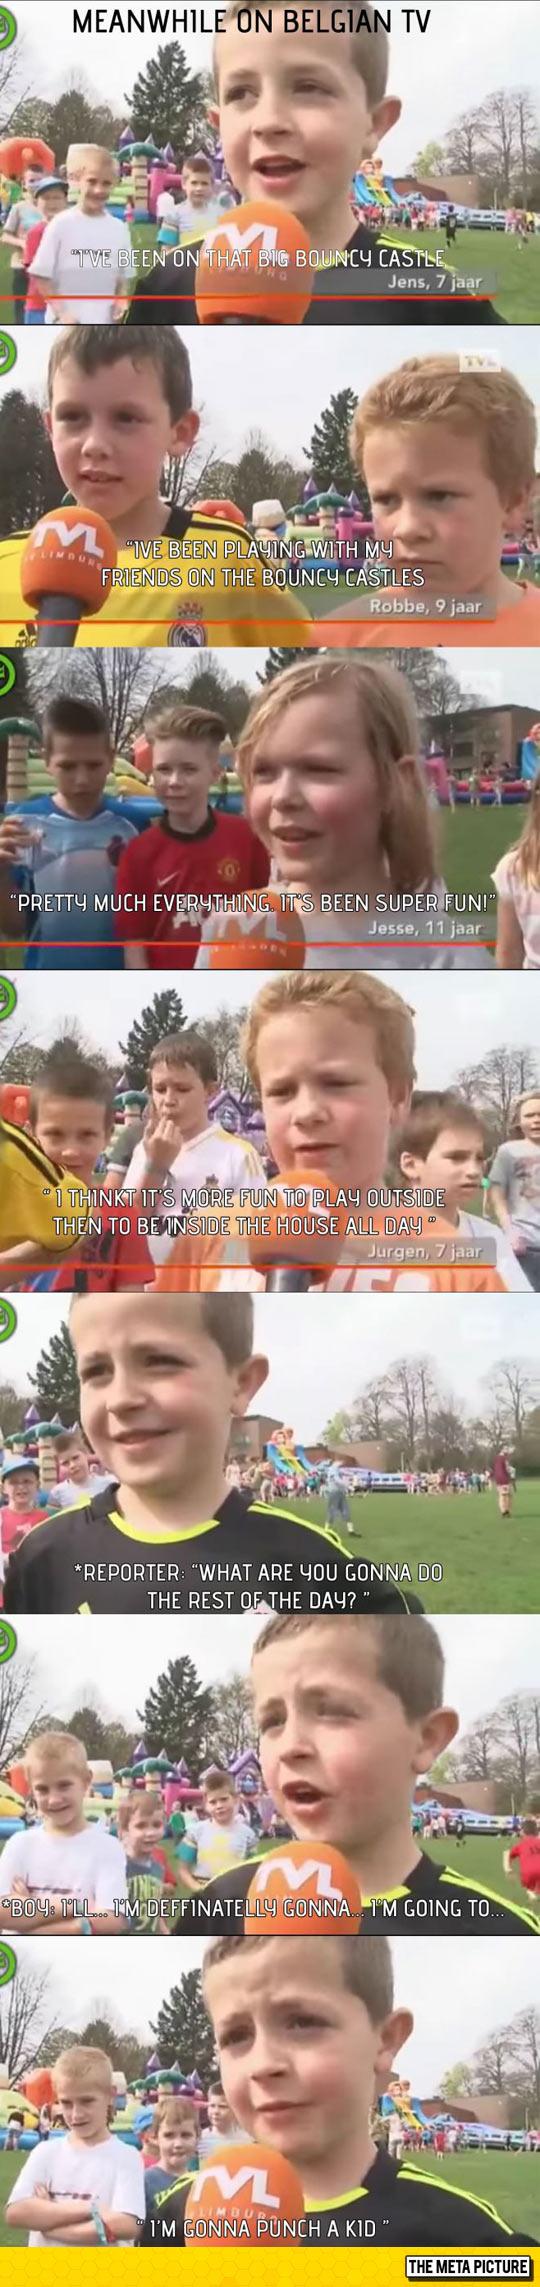 funny-Belgian-TV-boy-castle